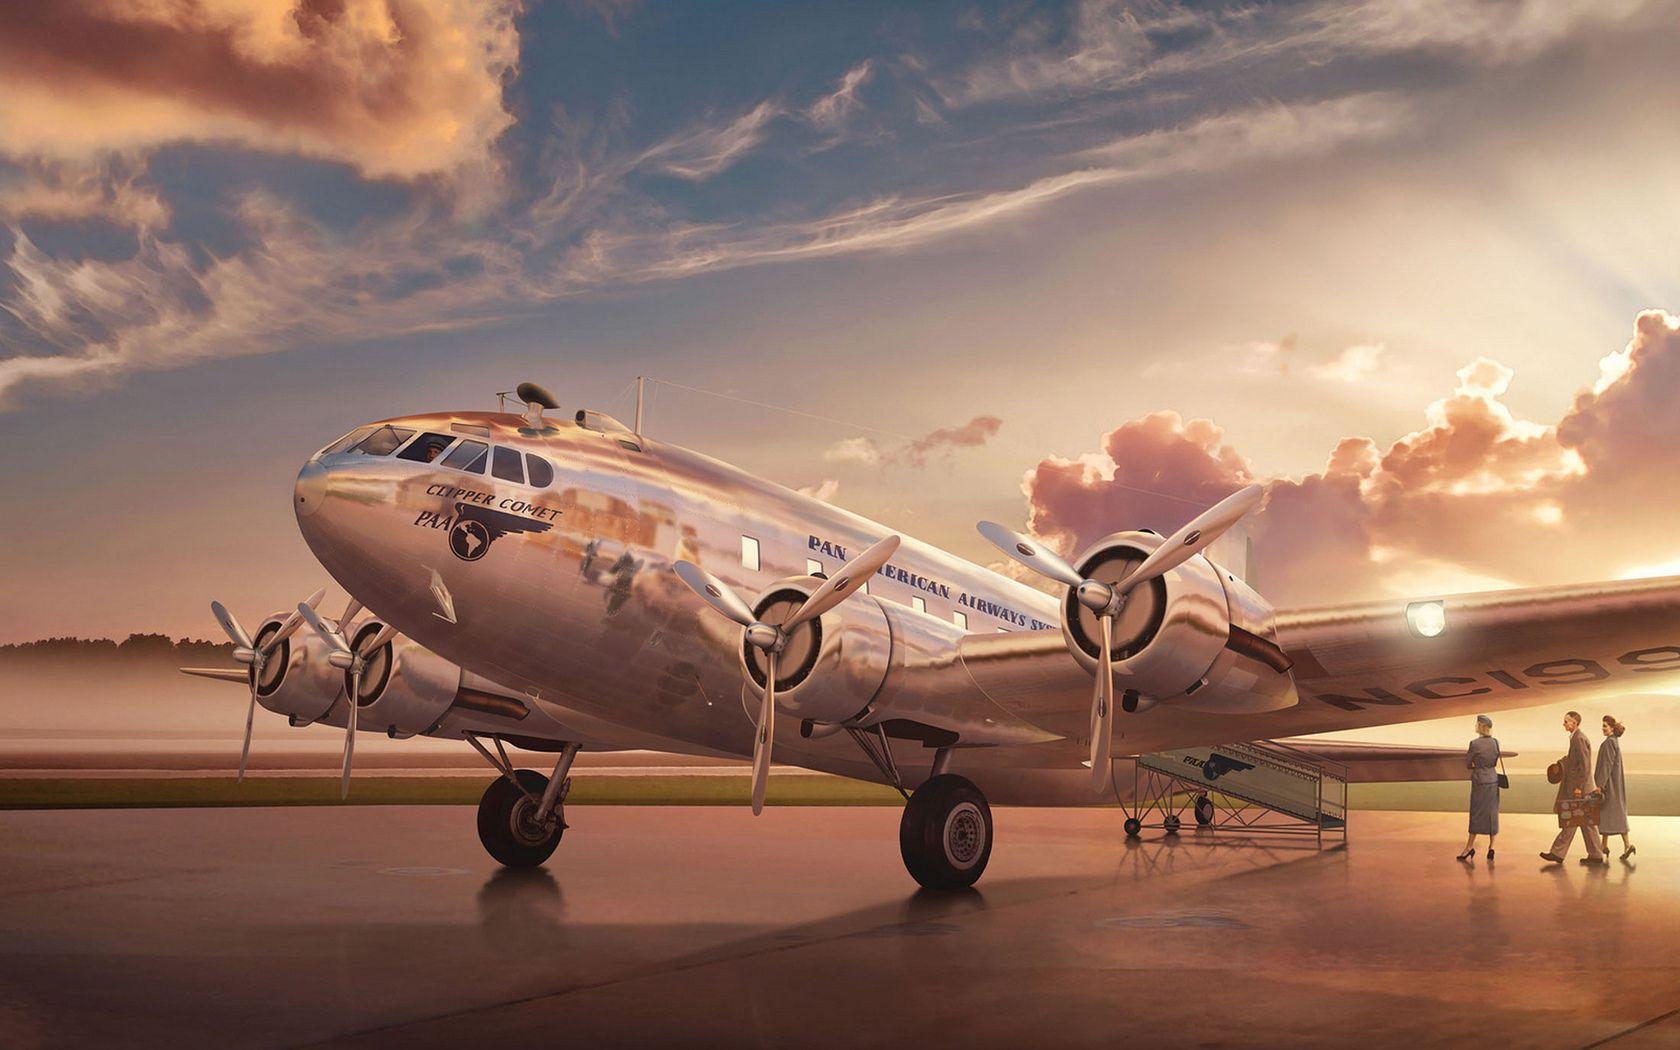 Passenger Airplane Art